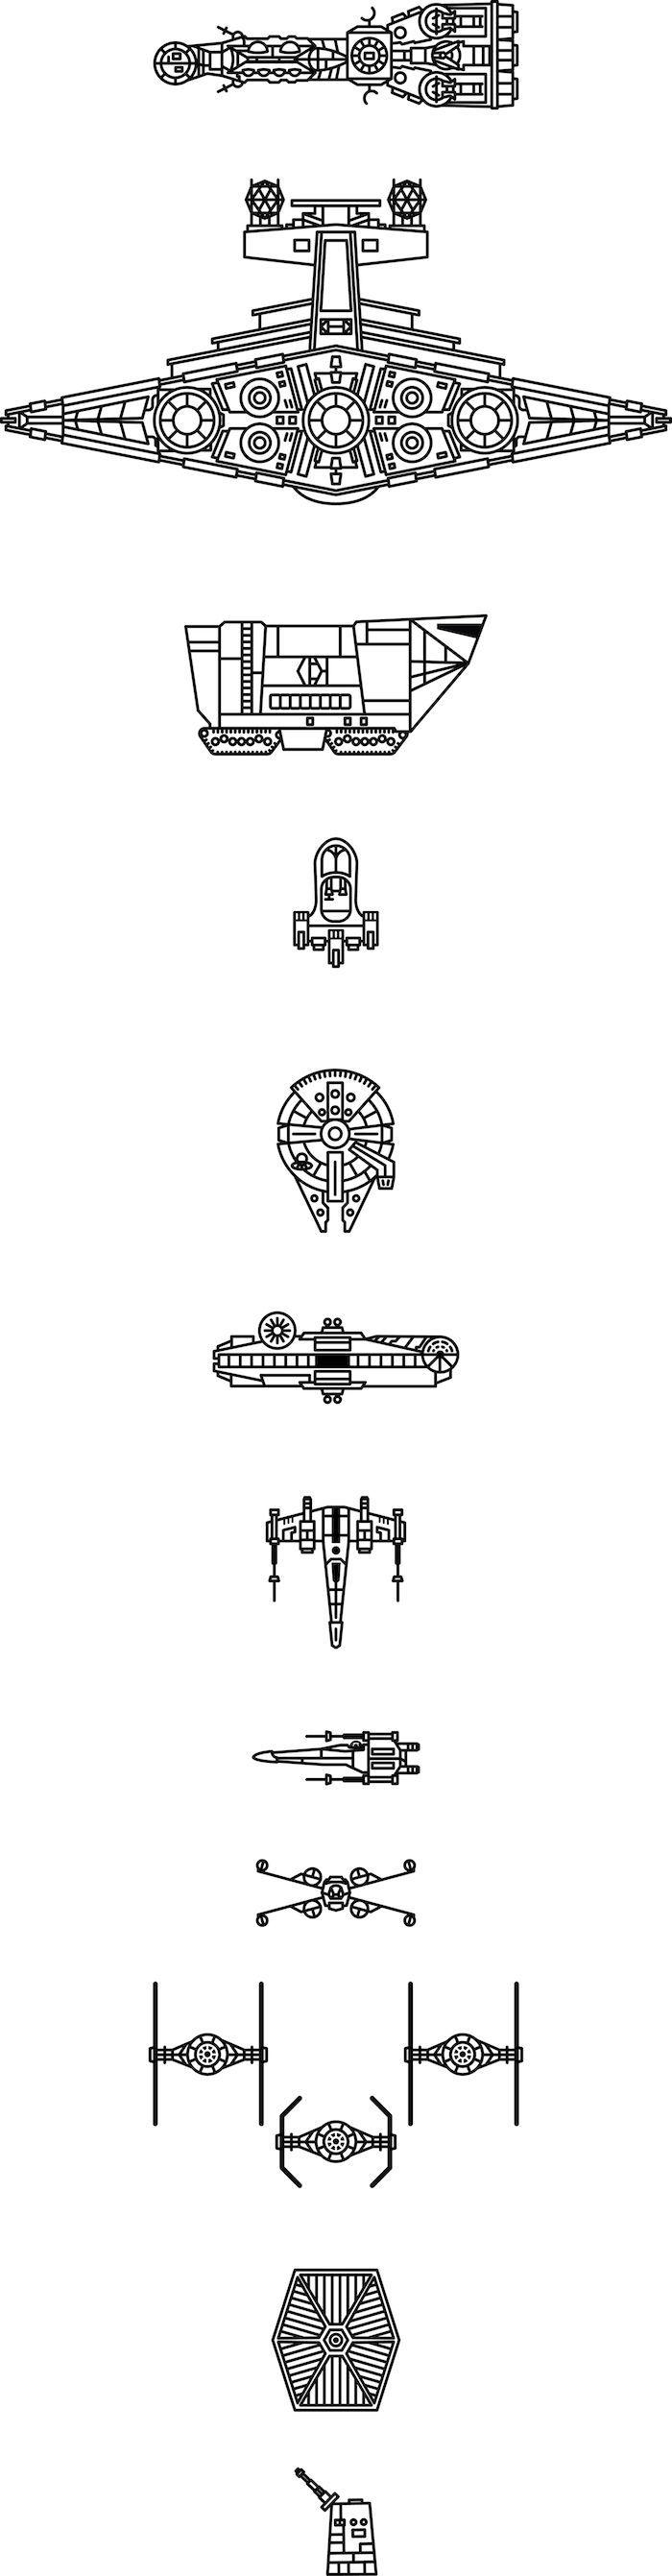 1001 Ideen Zum Thema Star Wars Tattoo Und Seine Bedeutung Bedeutung Ideen Seine Star Tattoo Thema Star Wars Tattoo Star Wars Spaceships War Tattoo